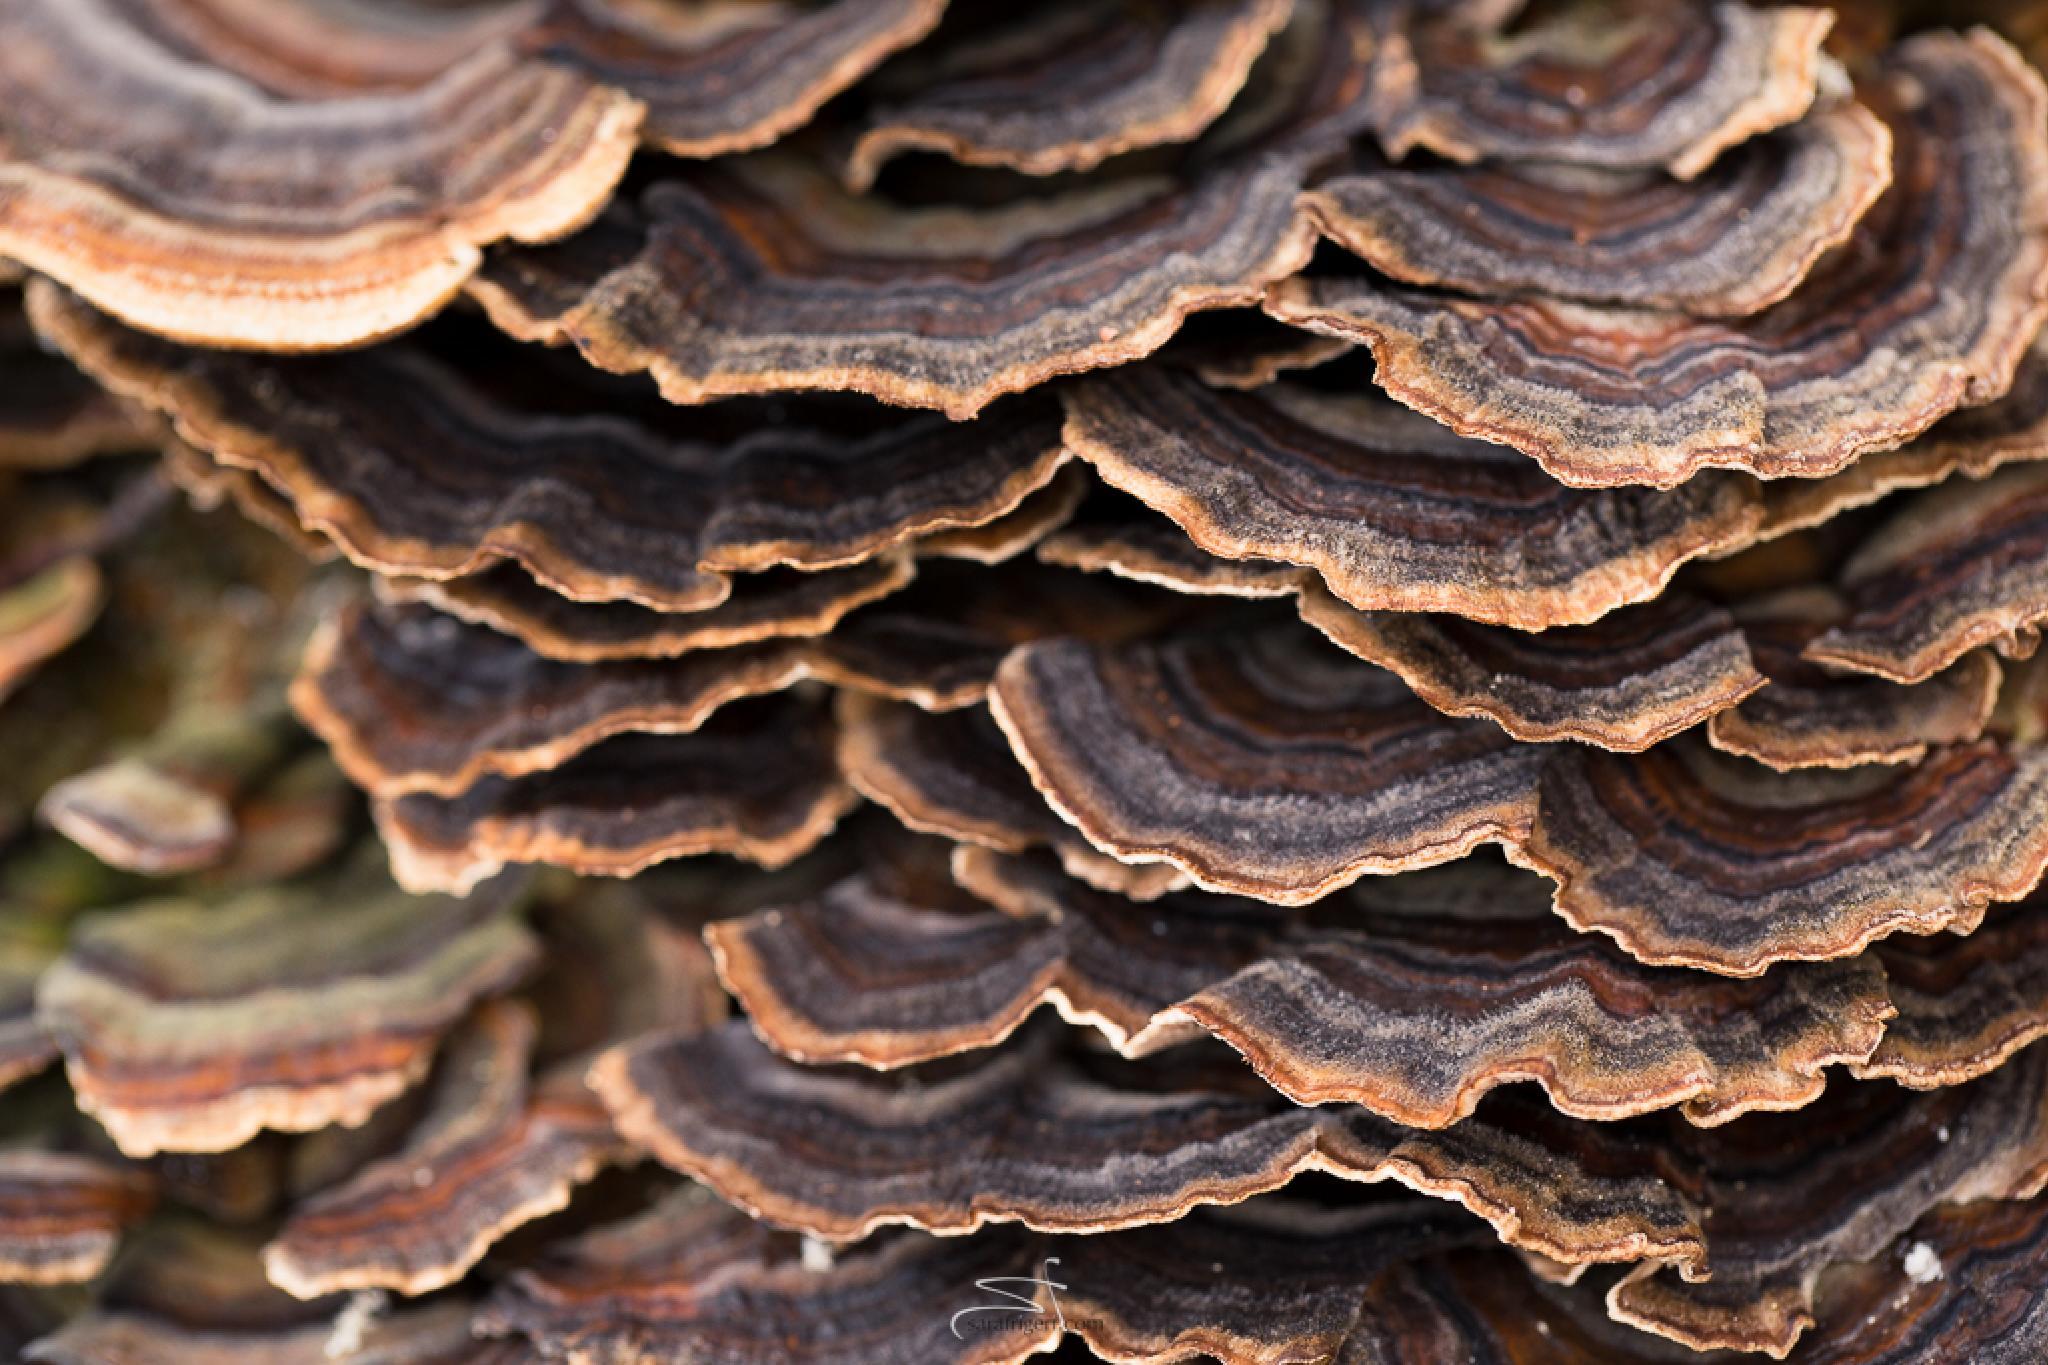 Mushrooms by sara frigeri